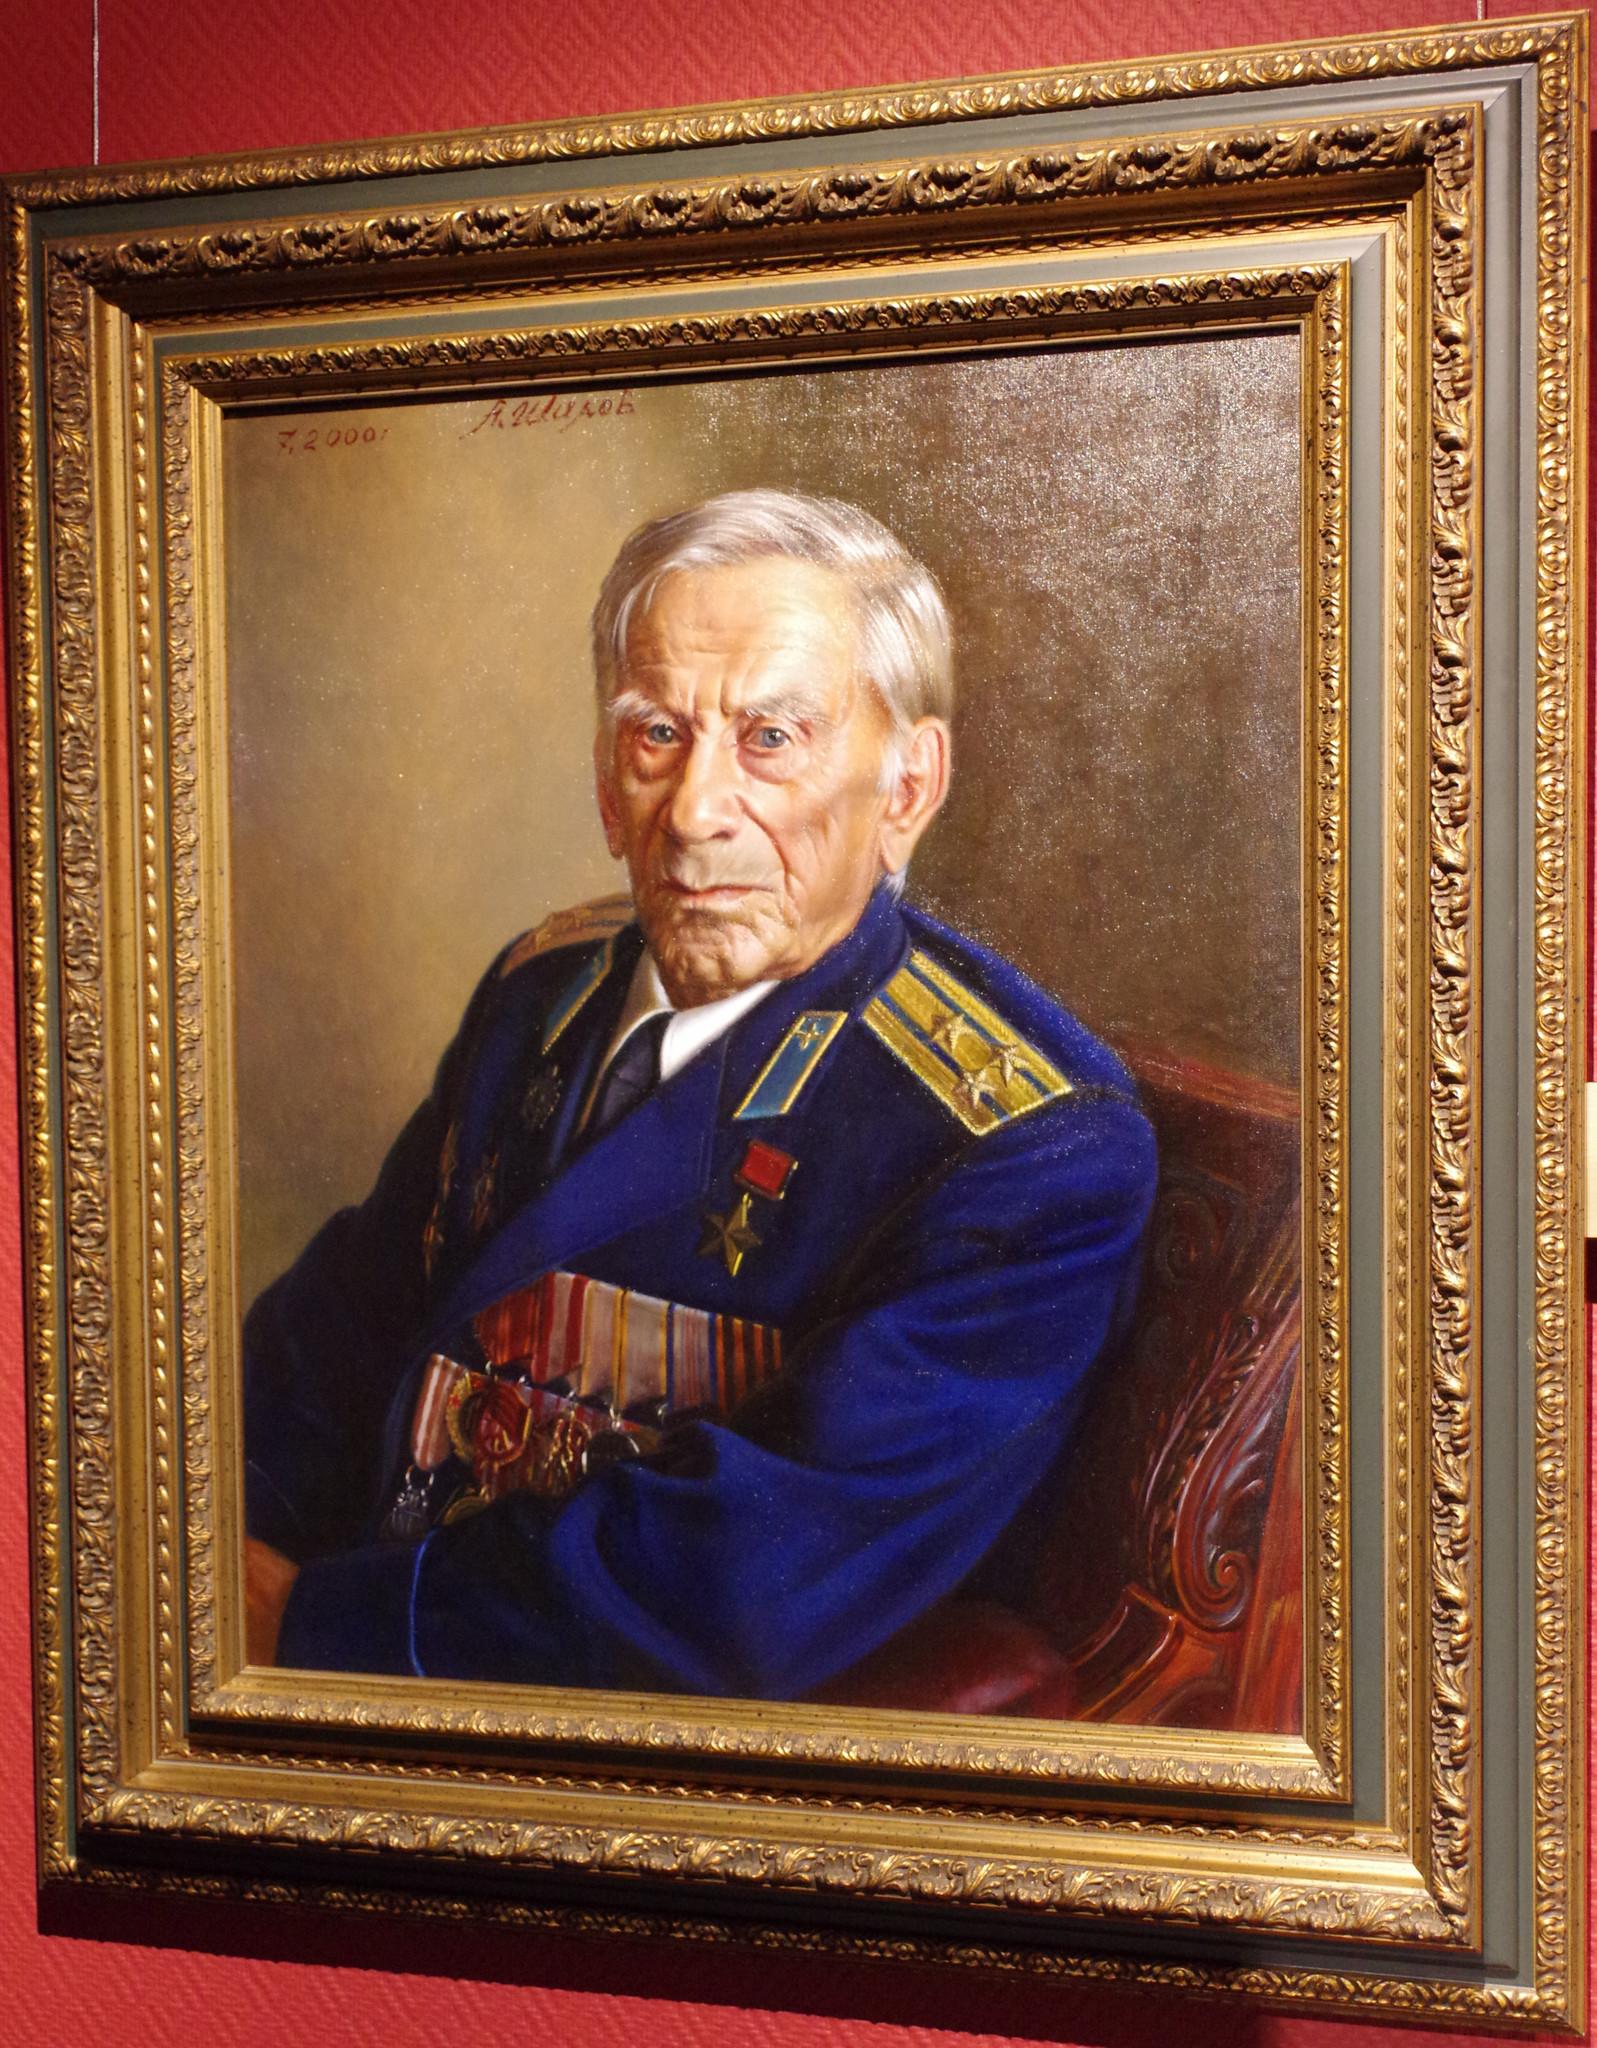 Герой Советского Союза Василий Борисович Емельяненко. Александр Шилов, холст, масло, 2000